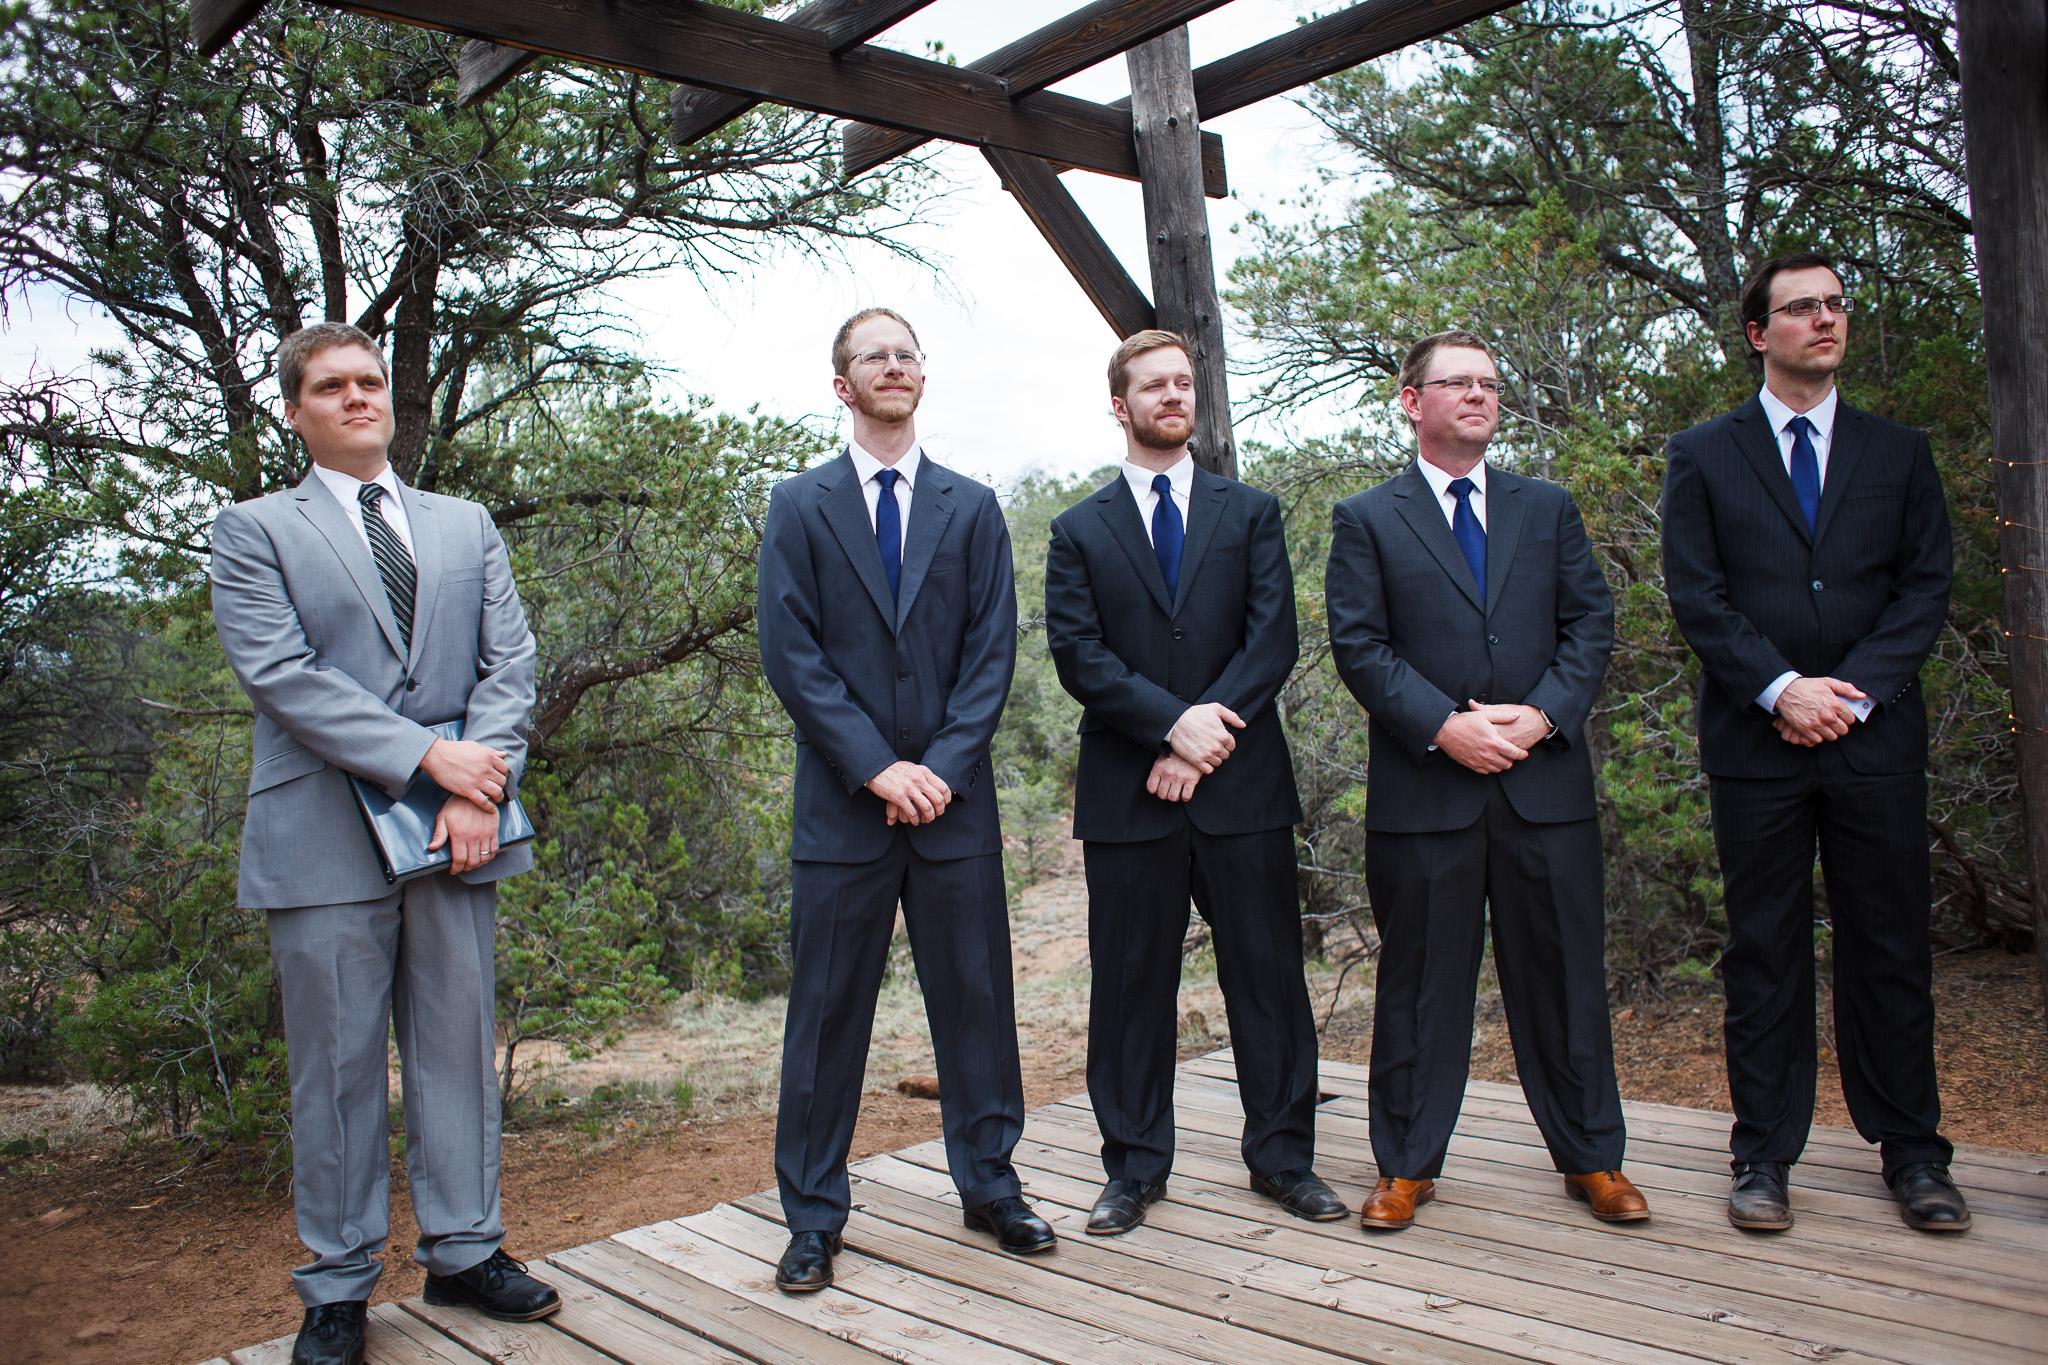 wedding-albuquerque-tijeras-ywca-pinon-canyon-center-0047.jpg